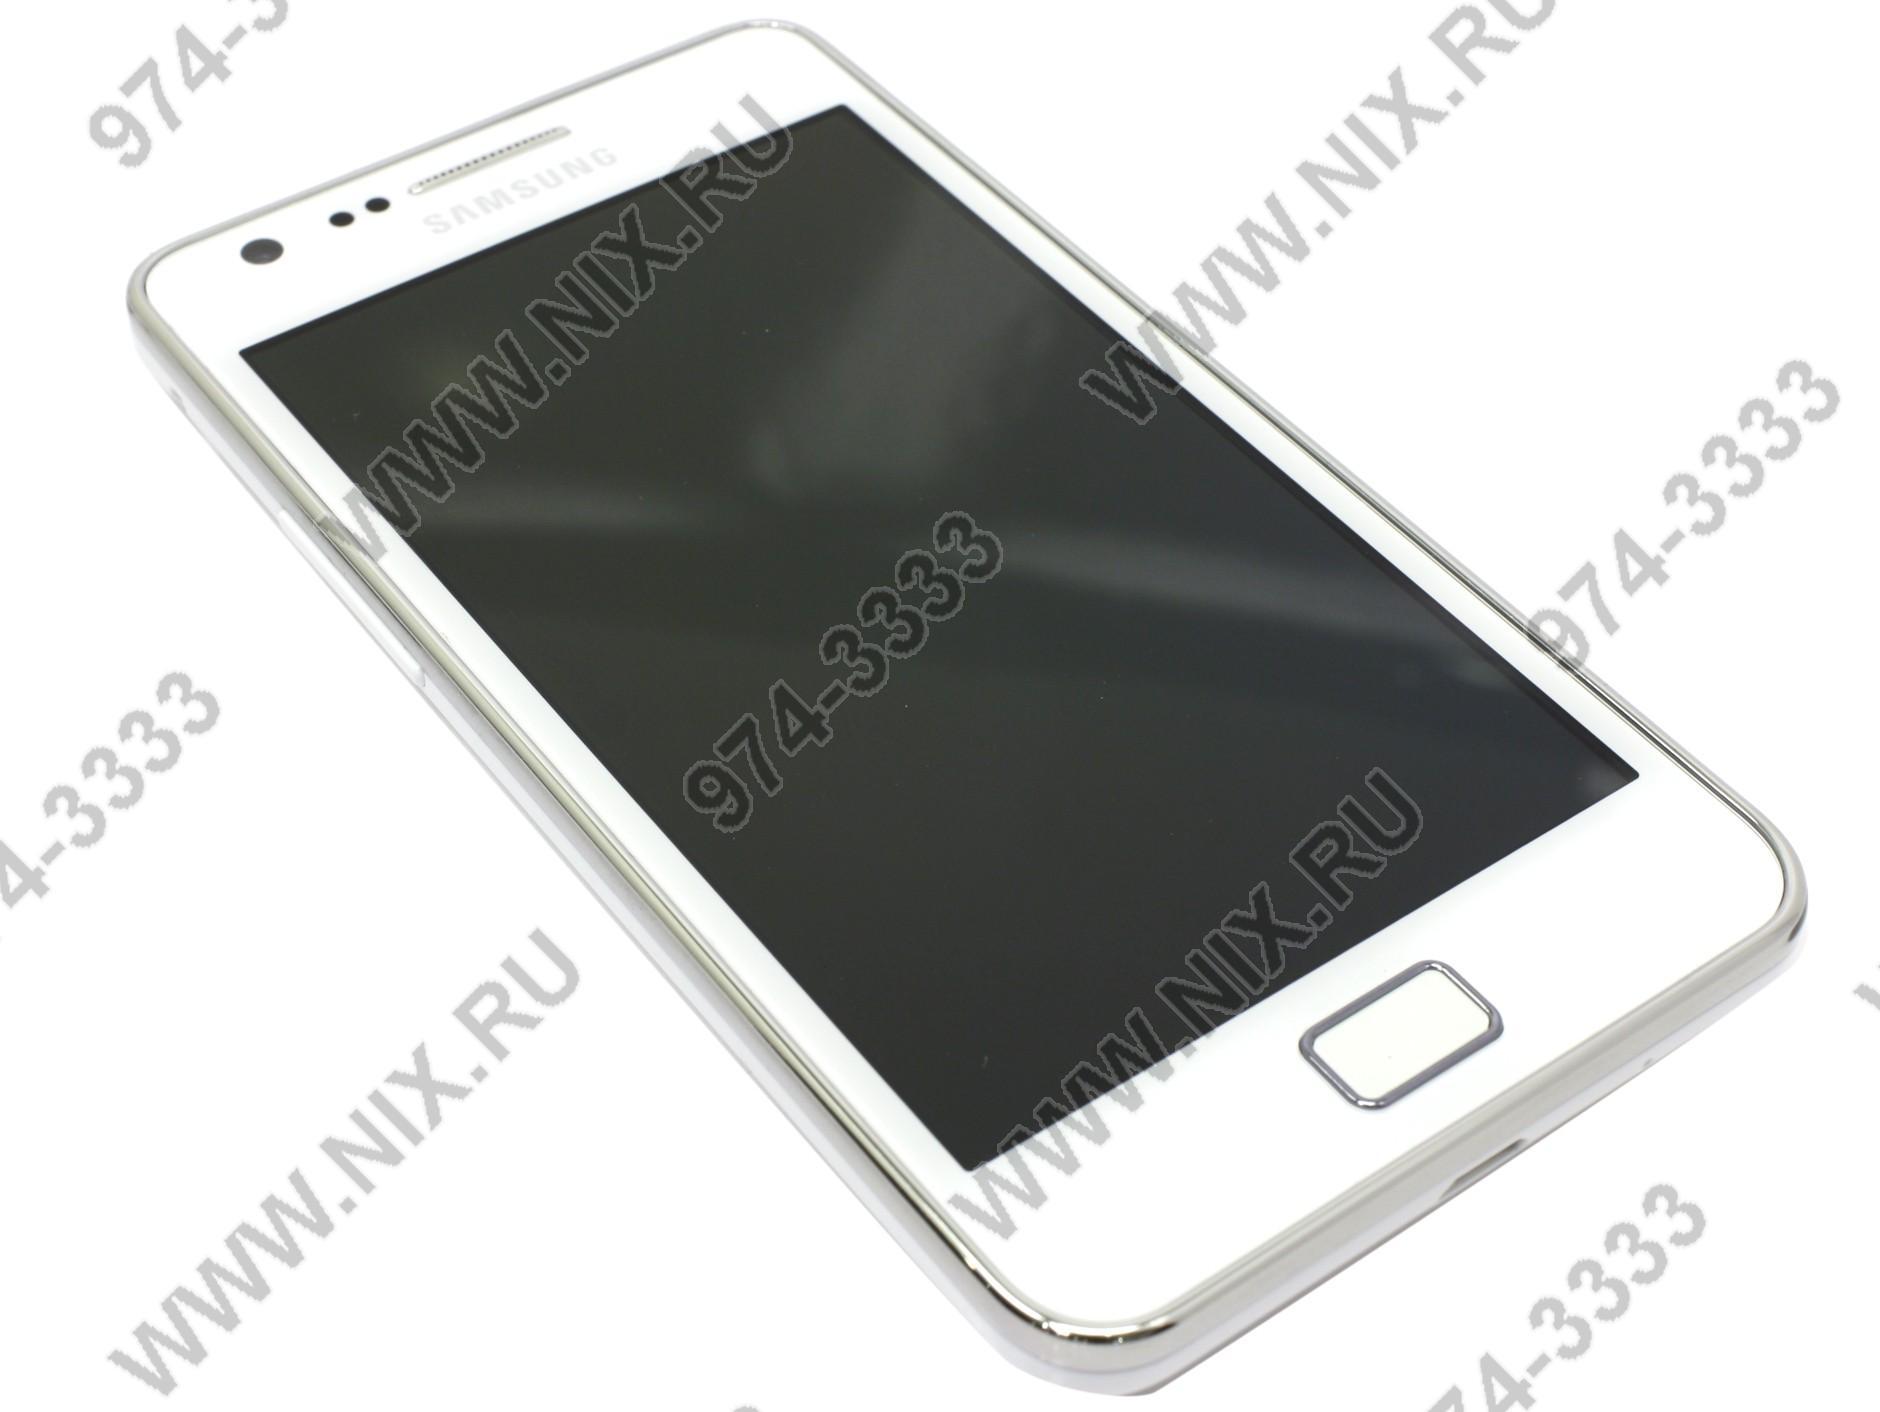 Samsung gt i9100 2